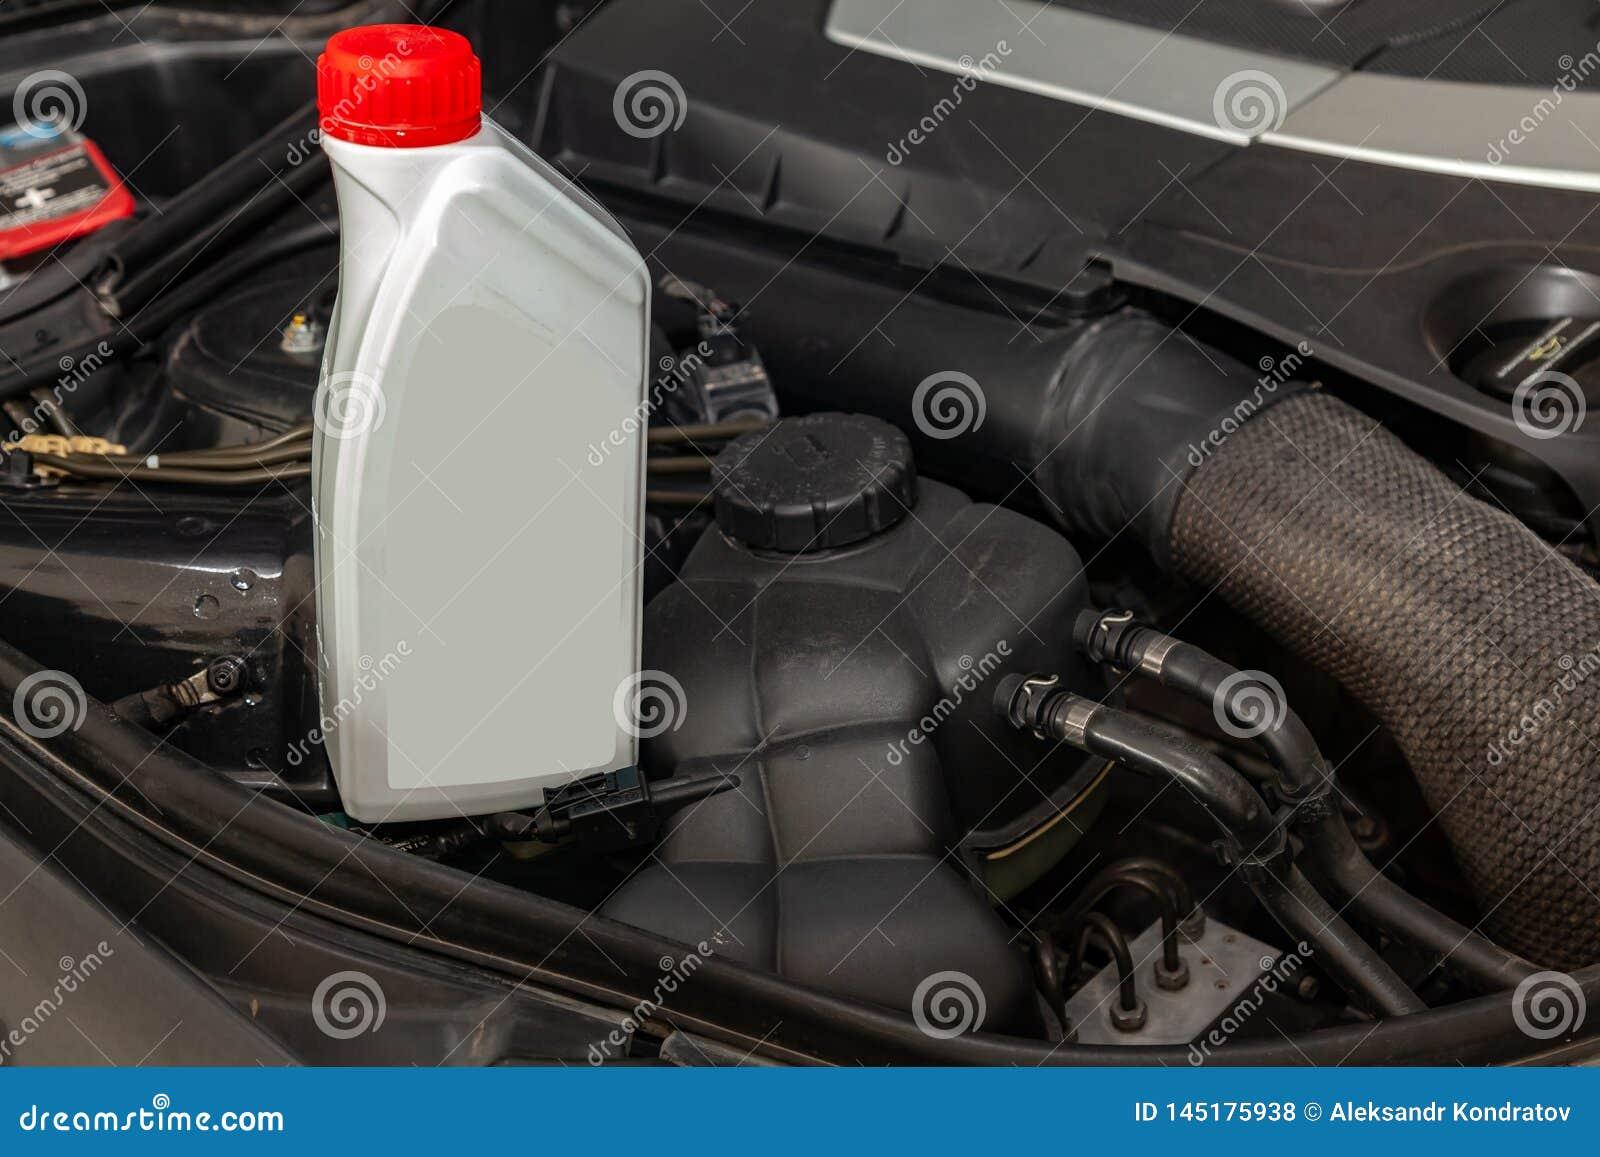 Het vervangstuk voor motor van een auto één literfles of kan van smeermiddel in grijs met rood GLB op een achtergrond met onder